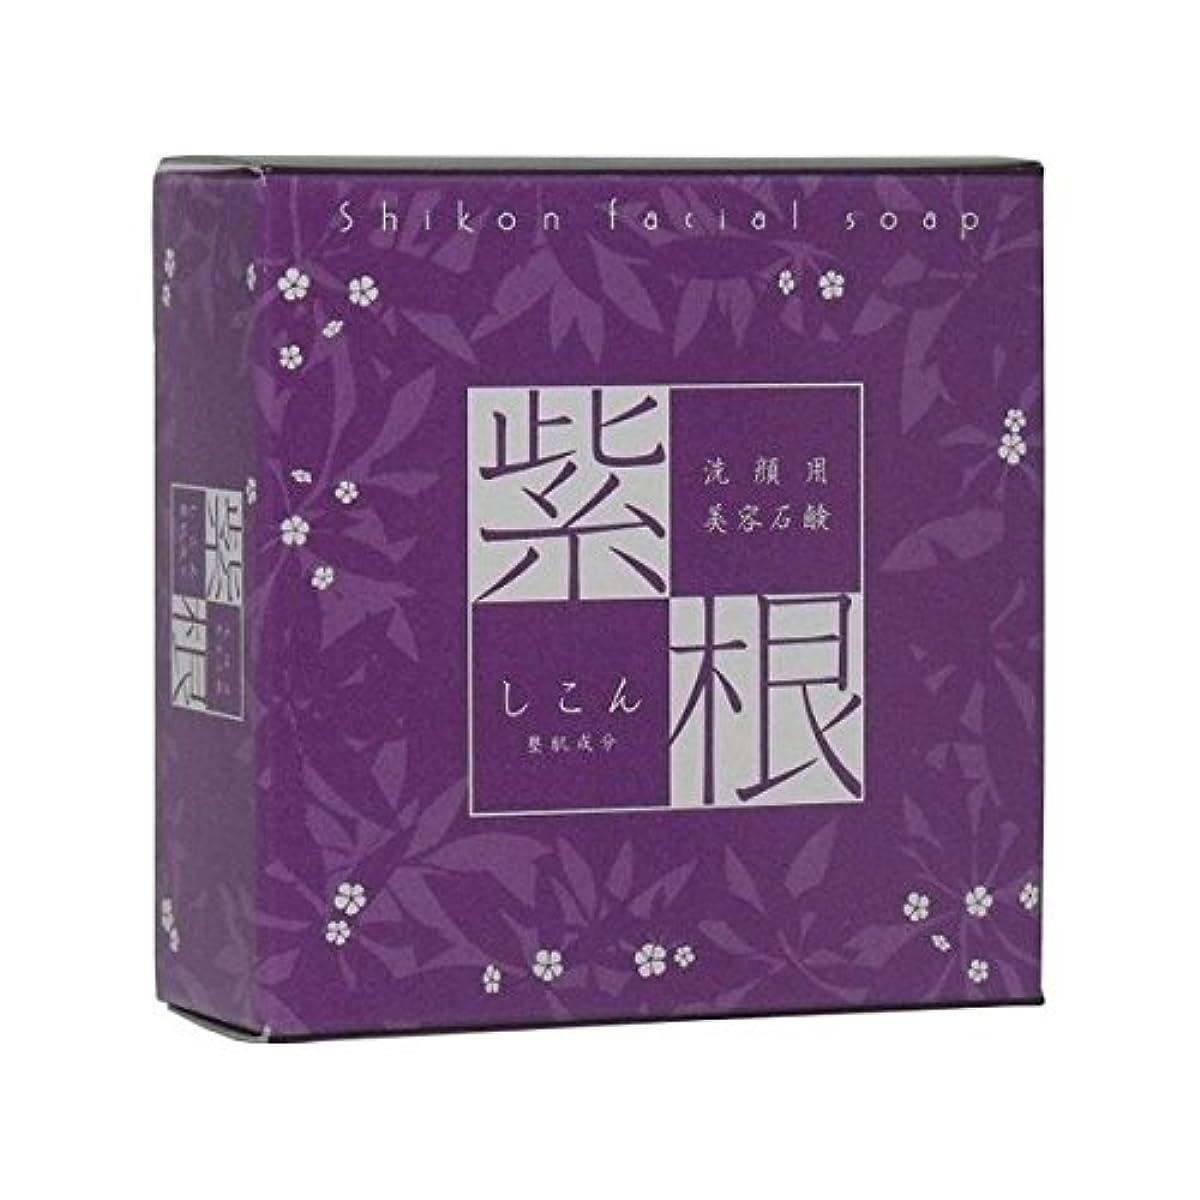 真剣に利用可能一瞬紫根石鹸110g(オリジナル泡立てネット付き)3個セット【魔女たちの22時で話題!】